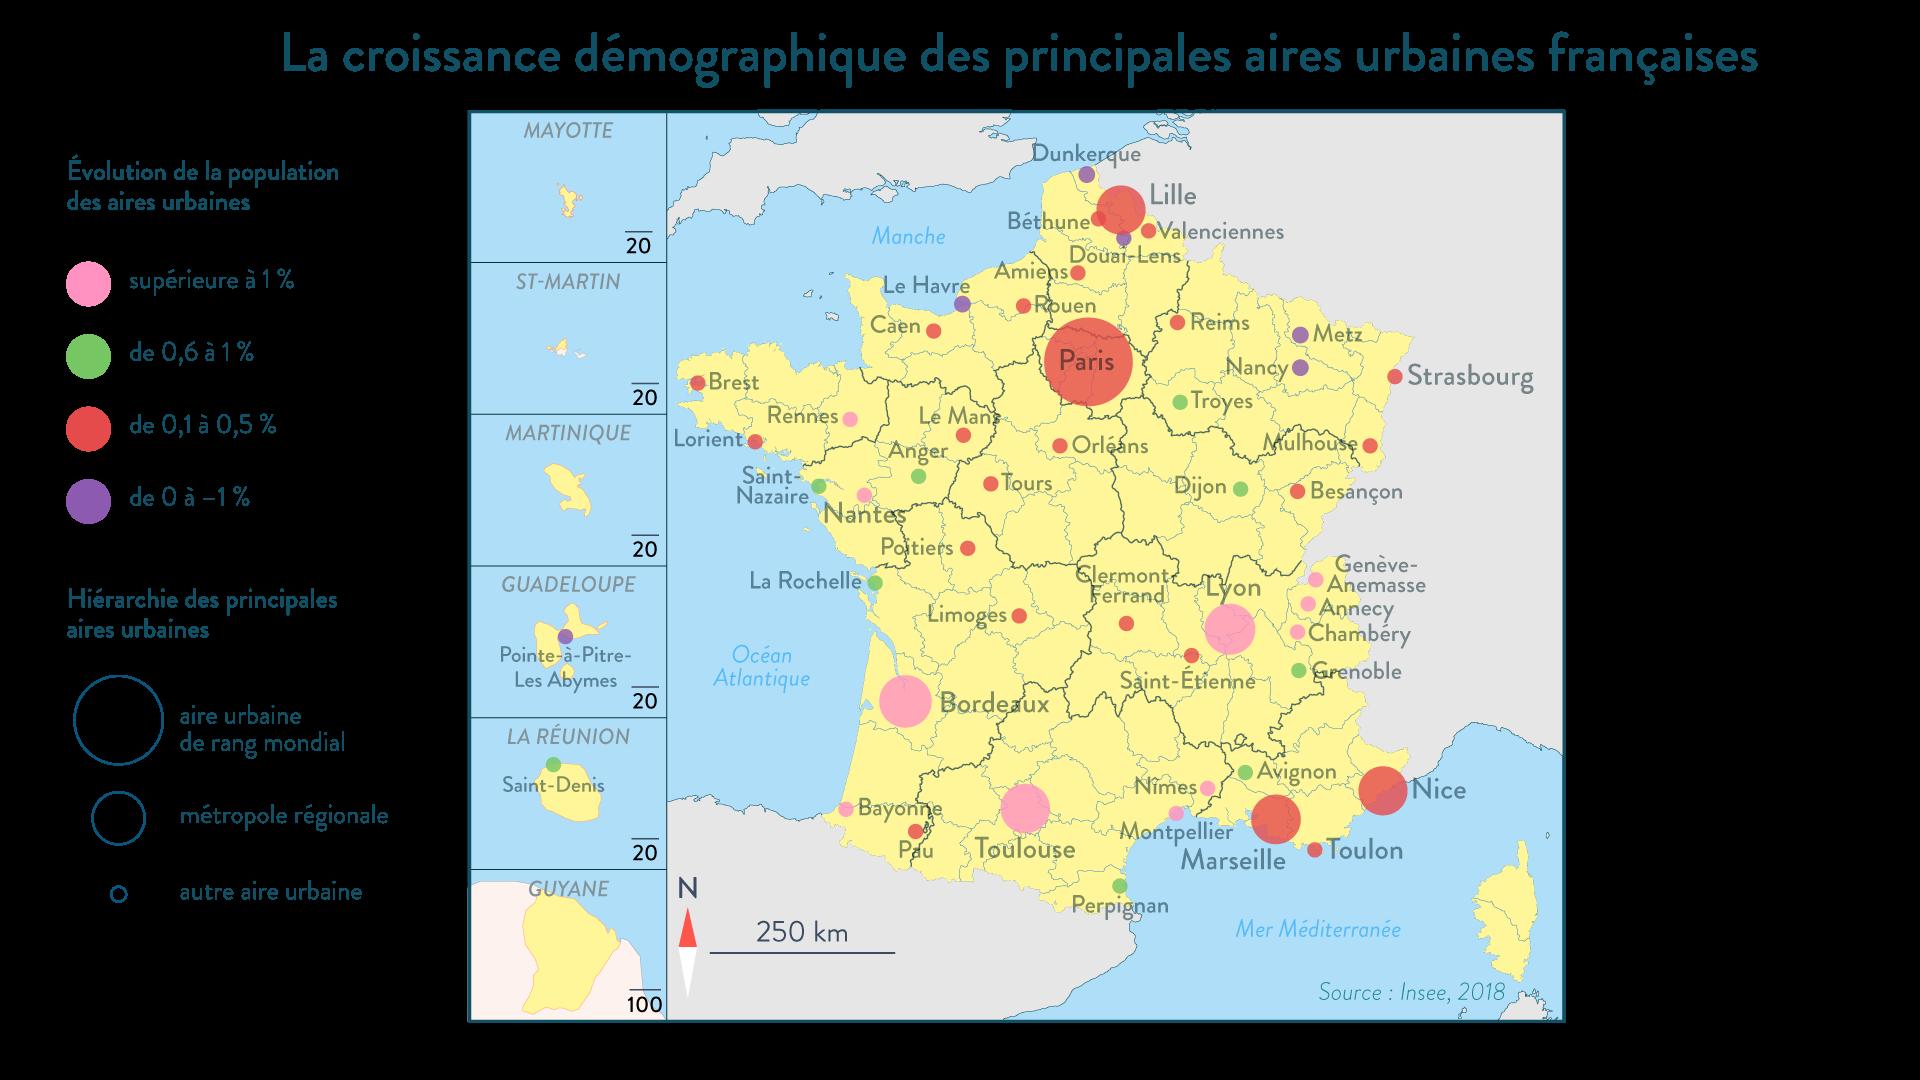 La croissance démographique des principales aires urbaines française - géographie - 1re - SchoolMouv